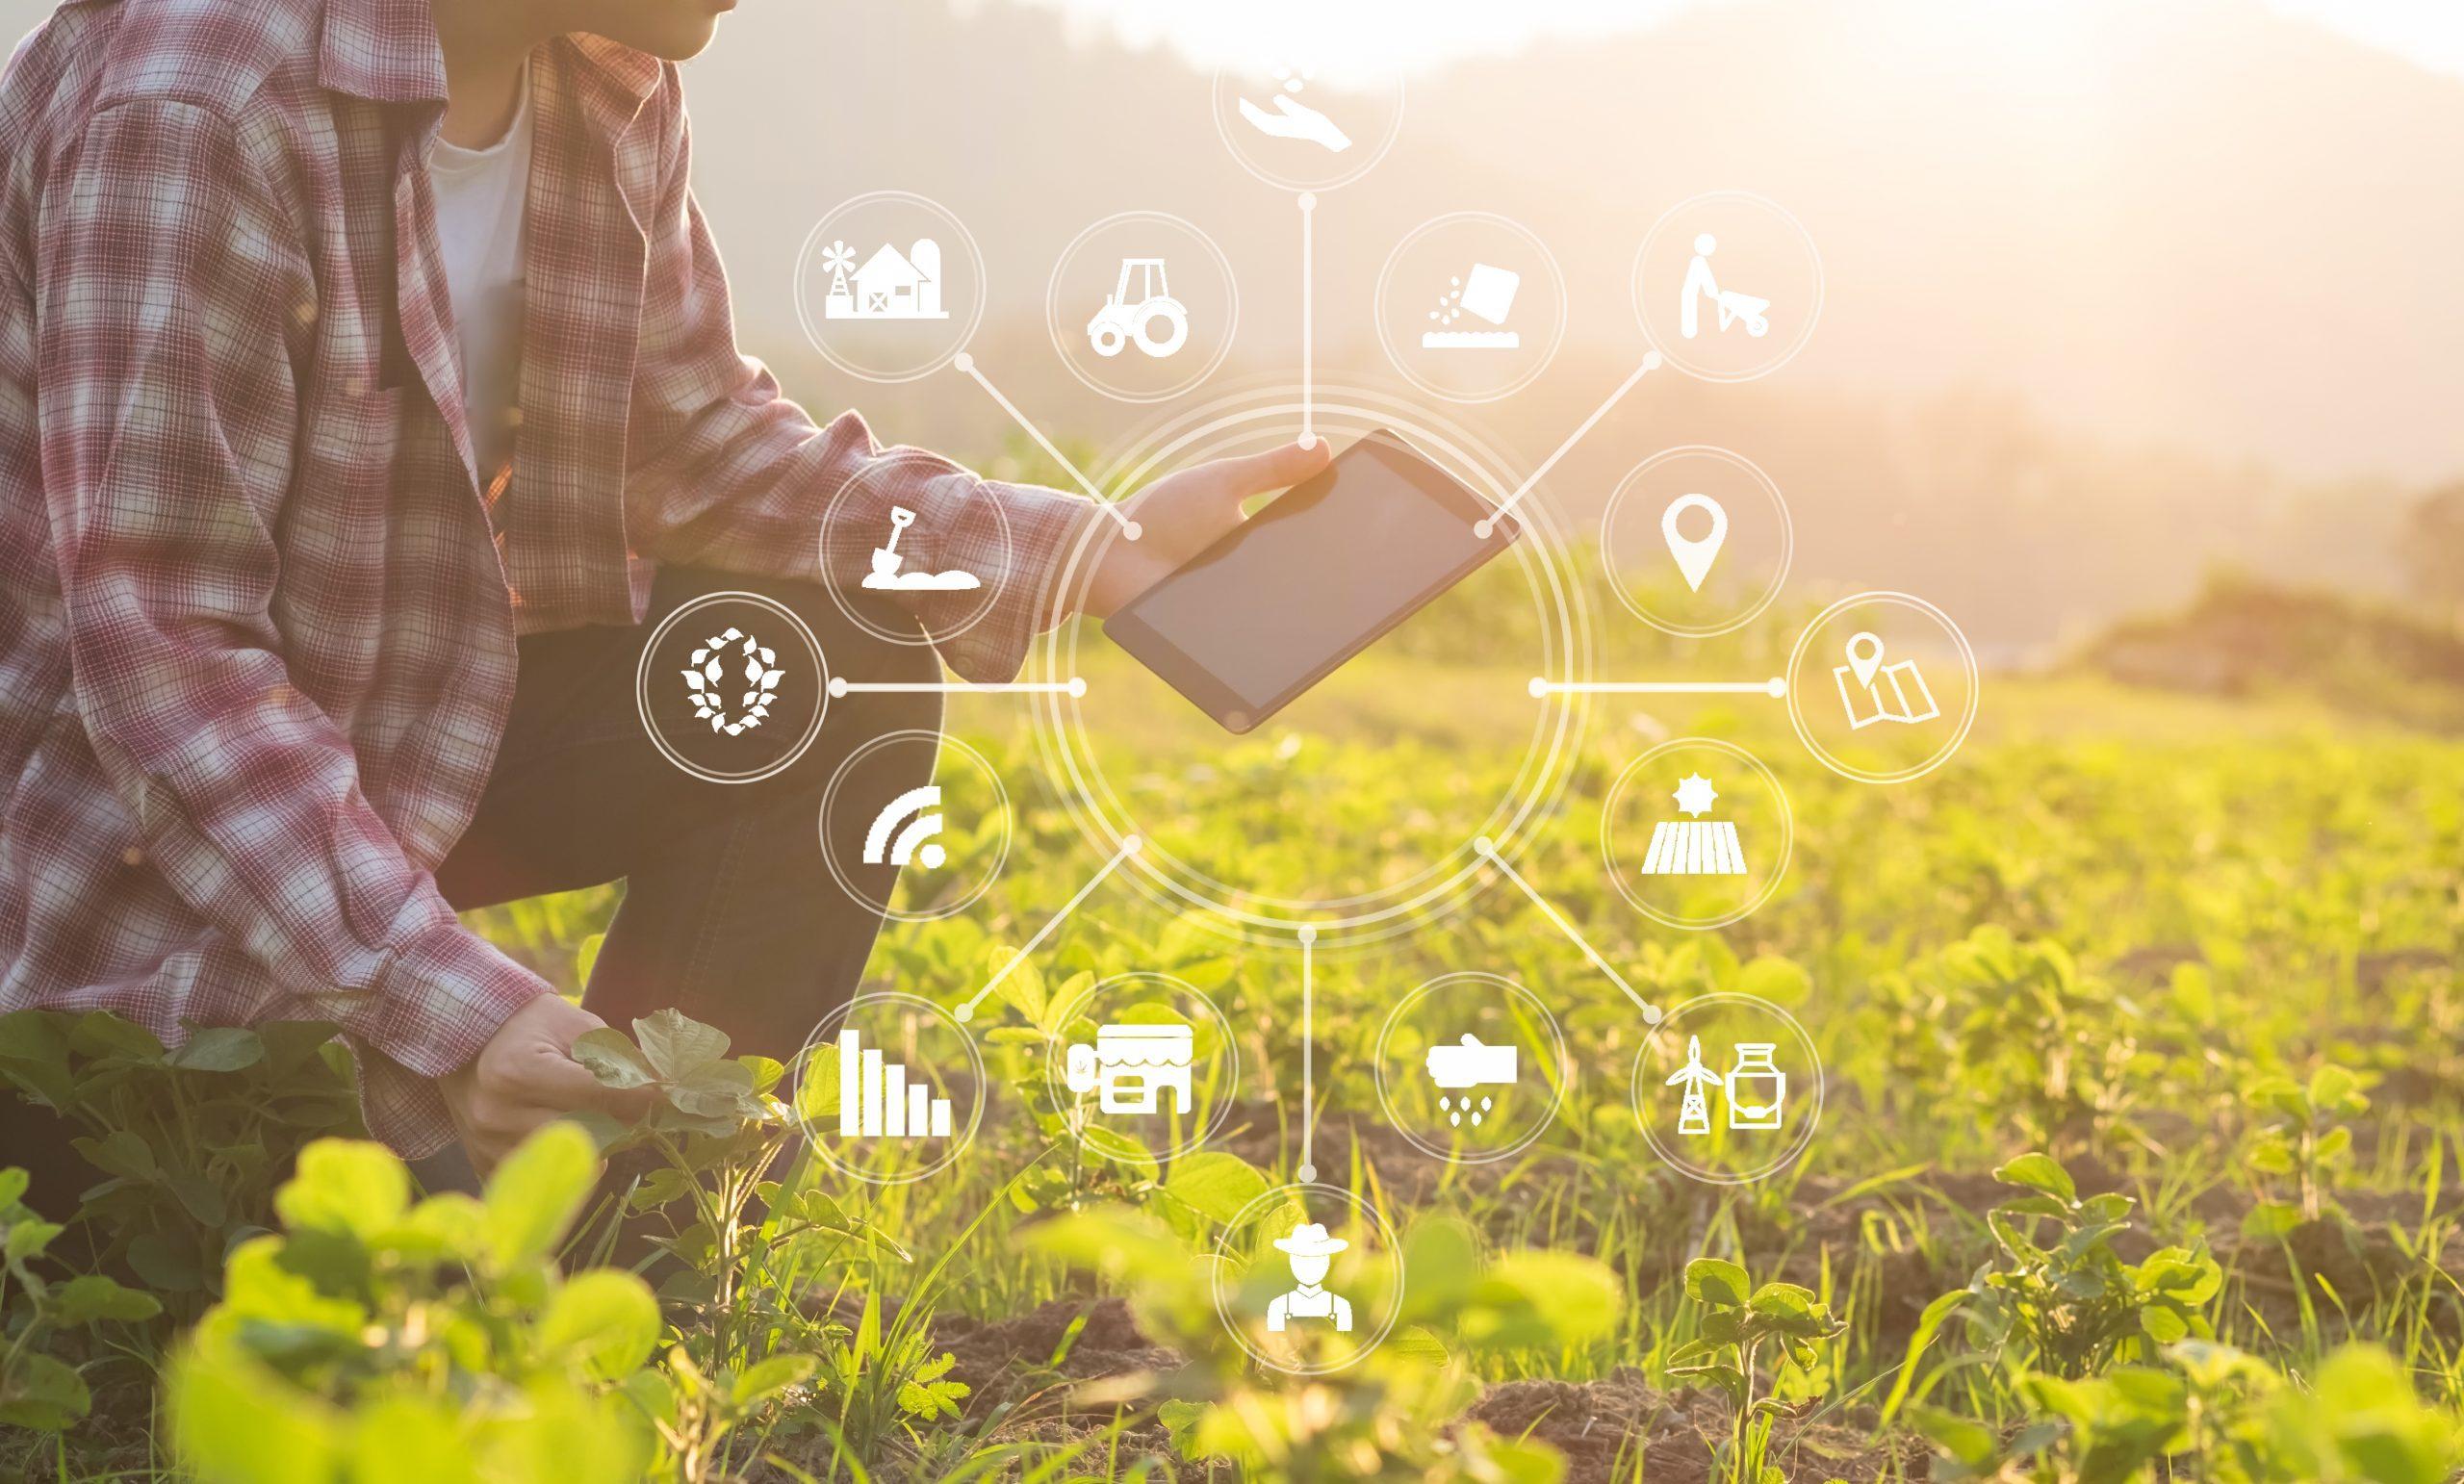 Bauer hockt in einem Sonnigen Feld. Sein Tablet offenbart ihm umfassende landwirtschaftliche Daten.